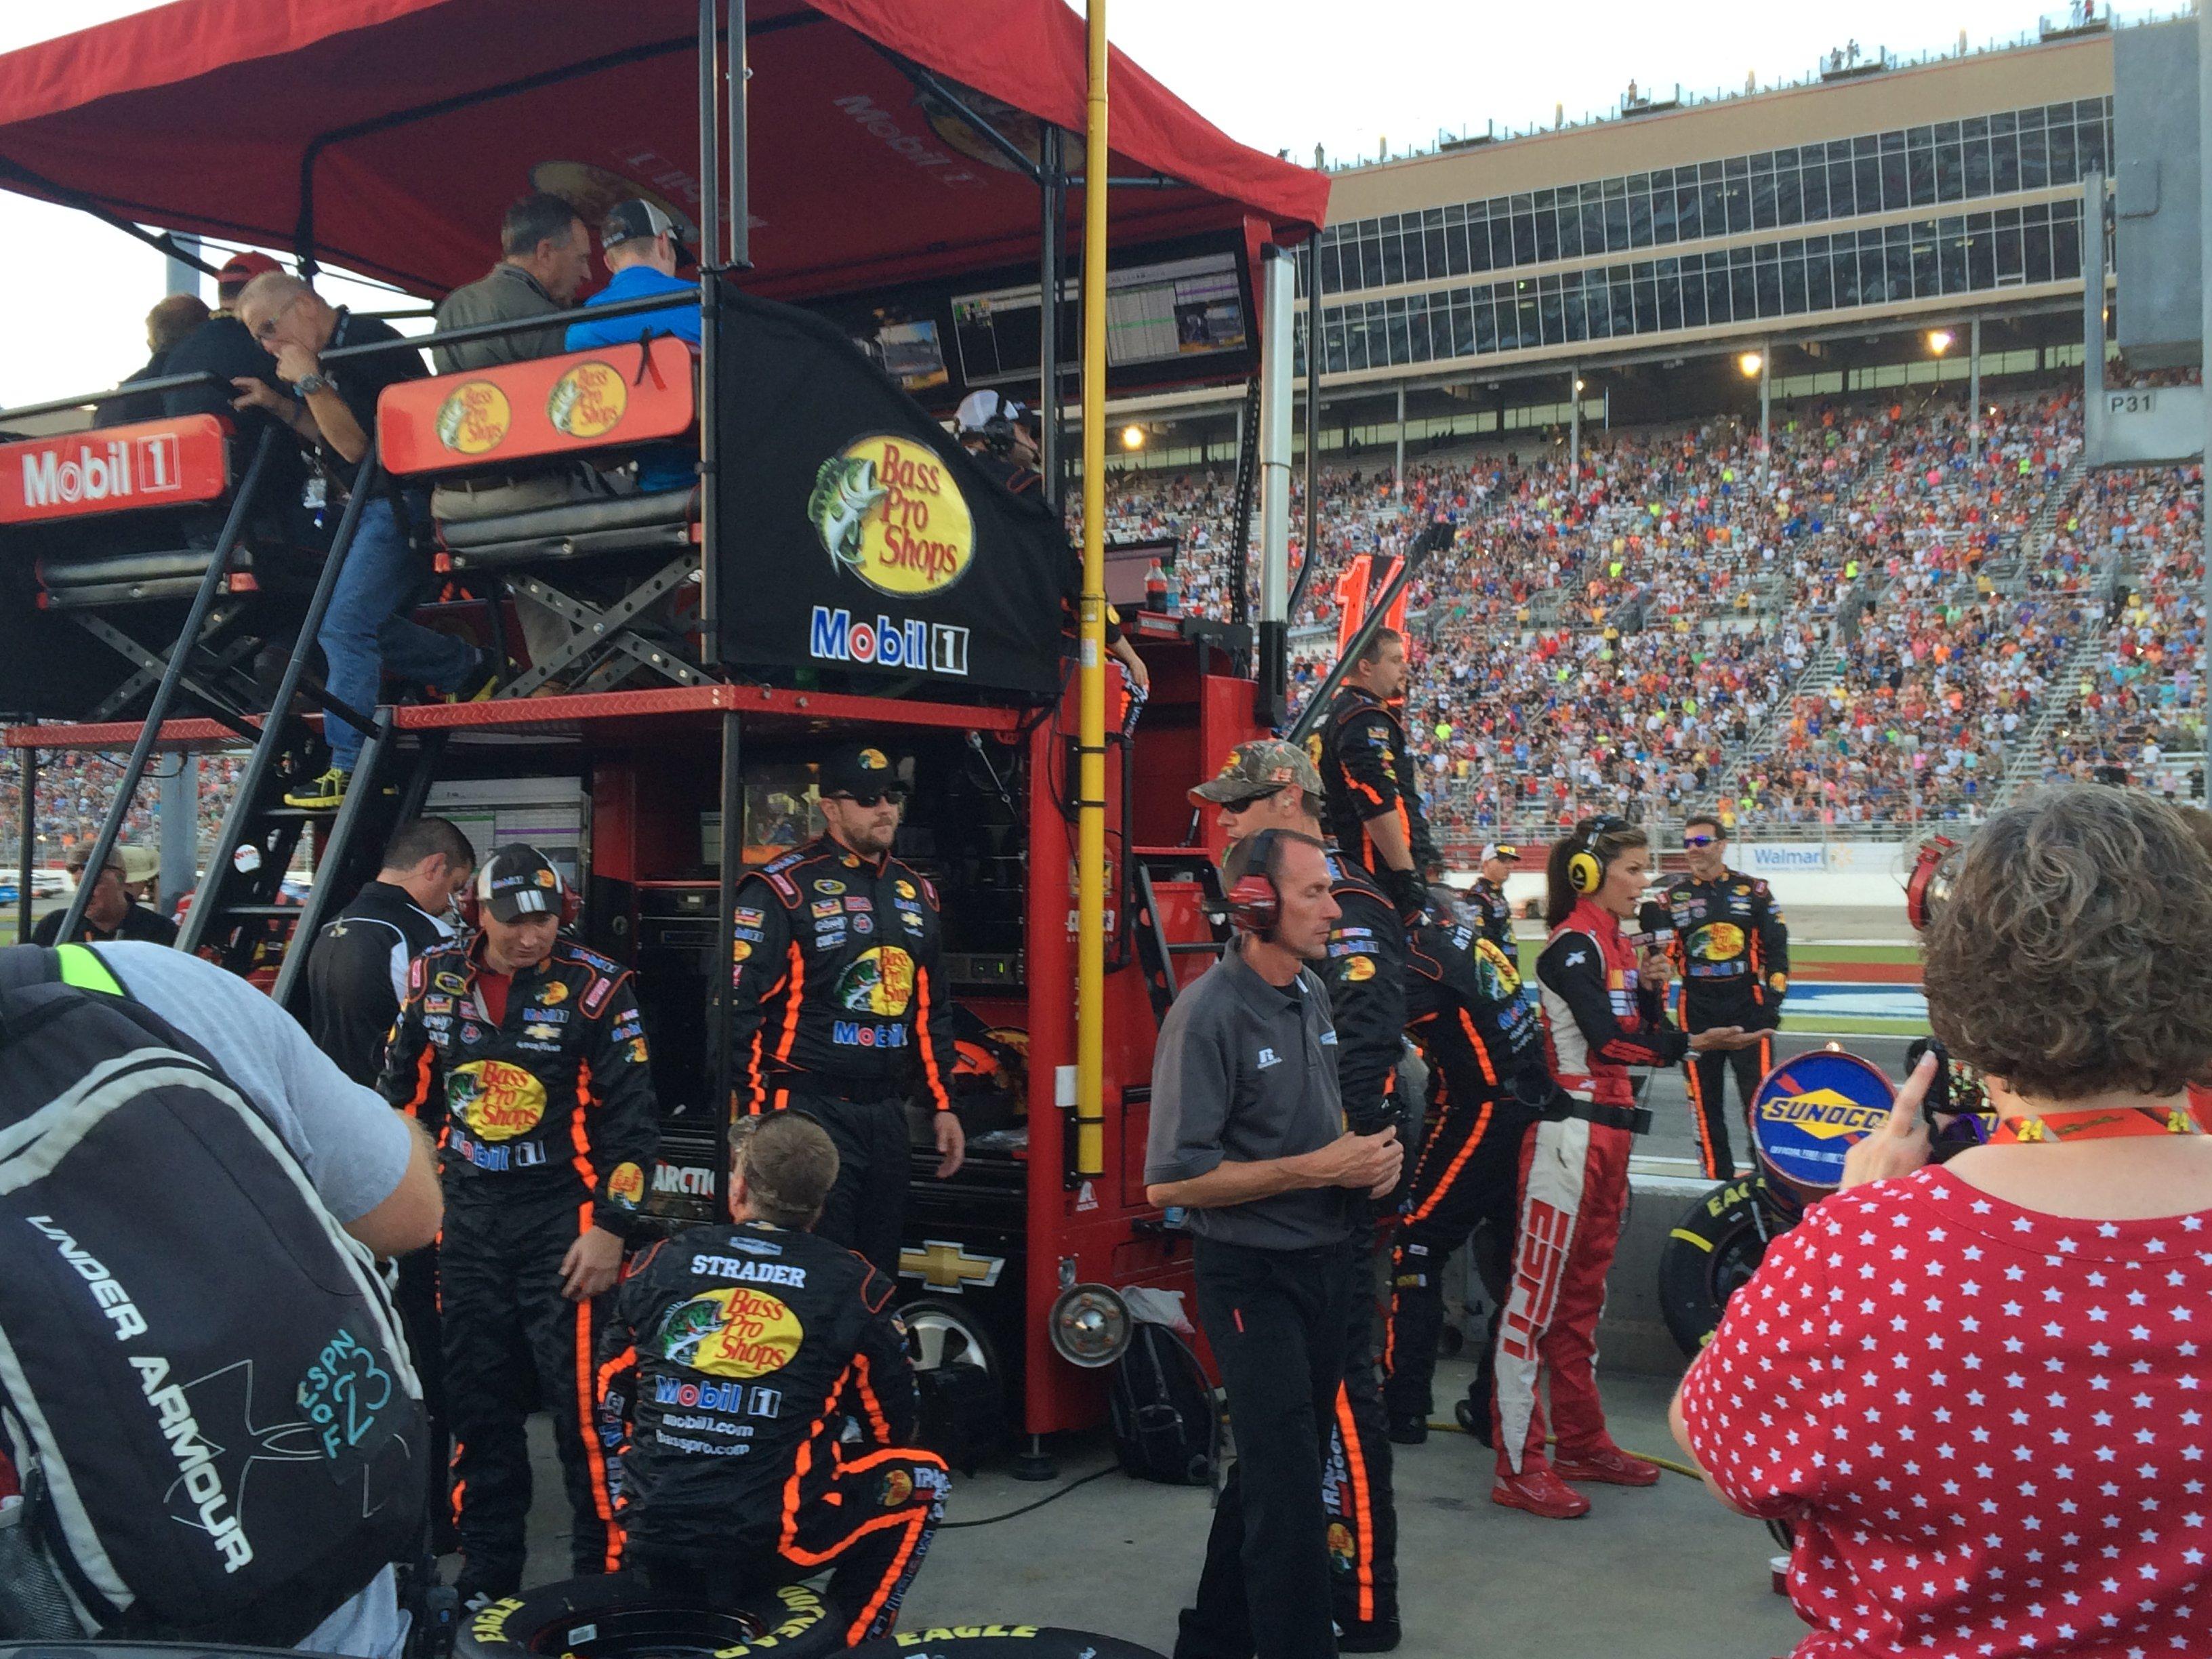 Stewart Returns To Racing At Atlanta Motor Speedway